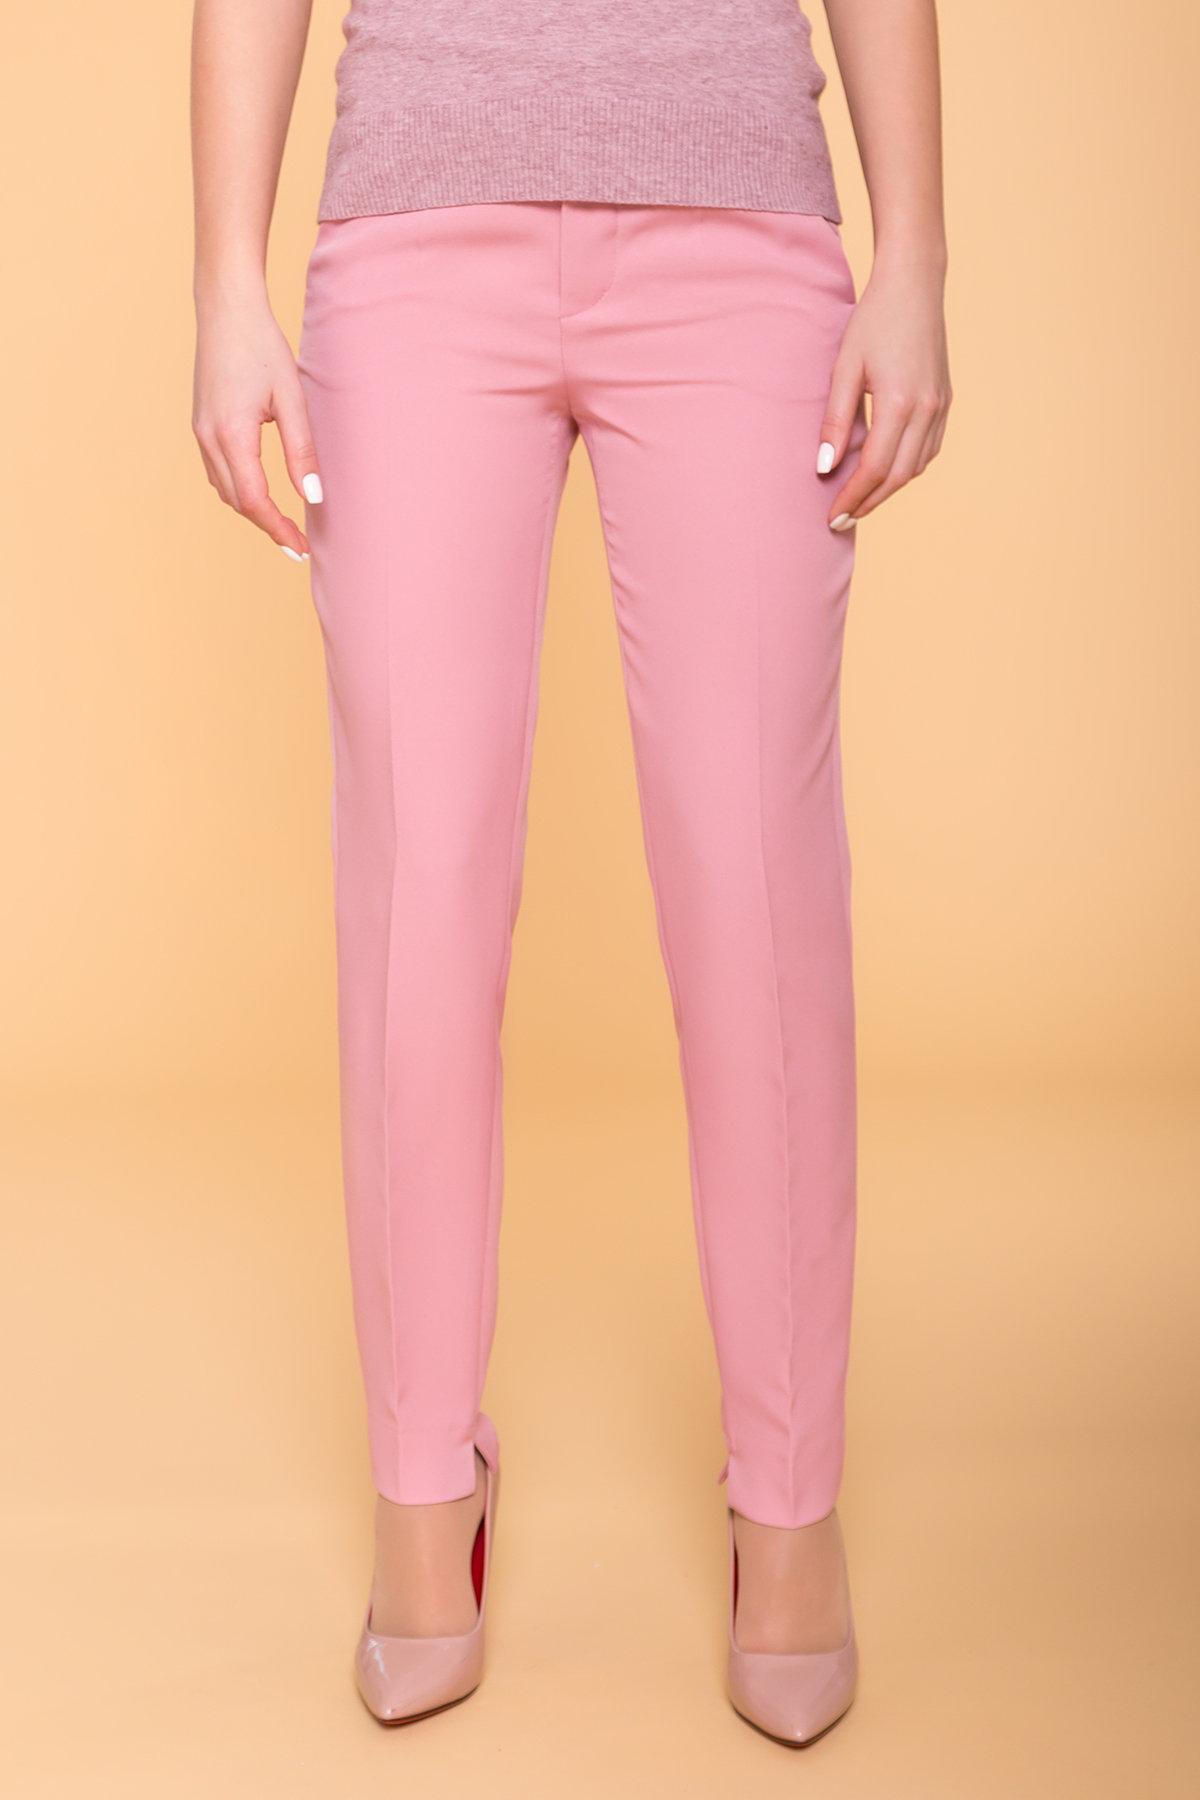 Базовые брюки со стрелками Эдвин 2467 АРТ. 41707 Цвет: Пудра - фото 4, интернет магазин tm-modus.ru